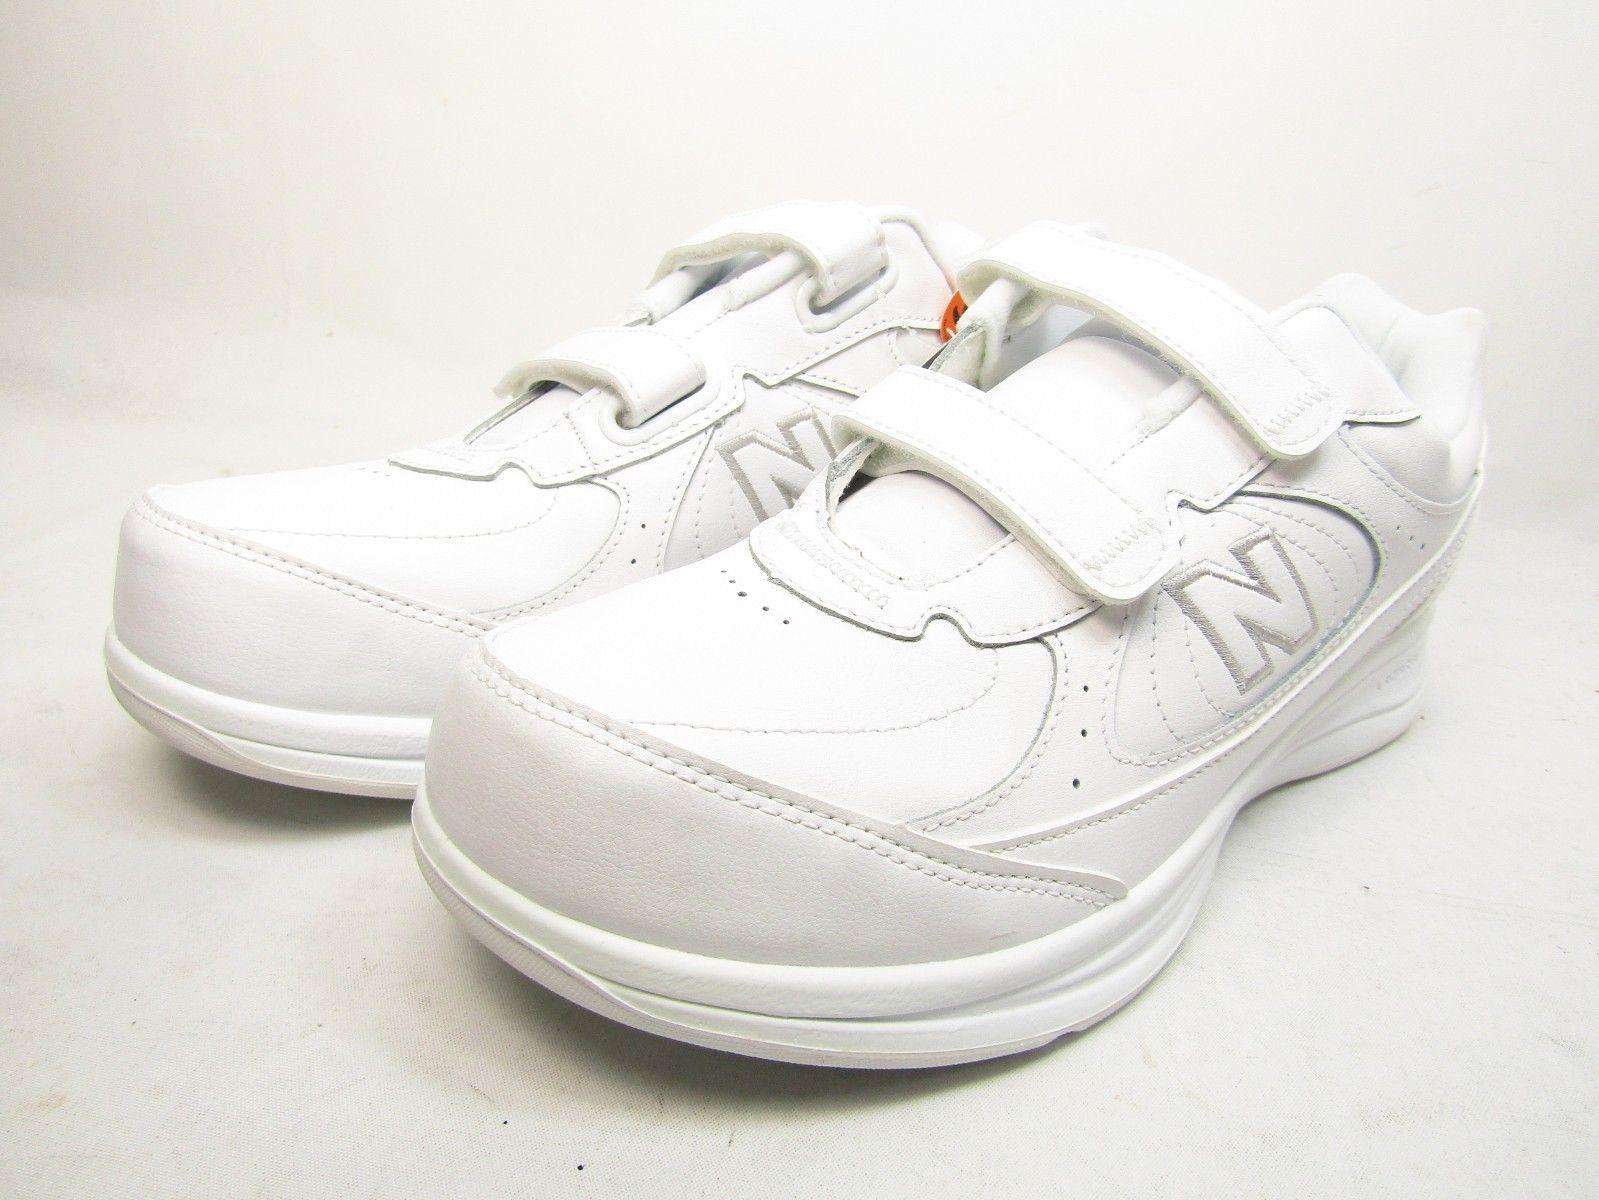 4969886c865c New Balance MW577VW White Leather Walking and 42 similar items. 57